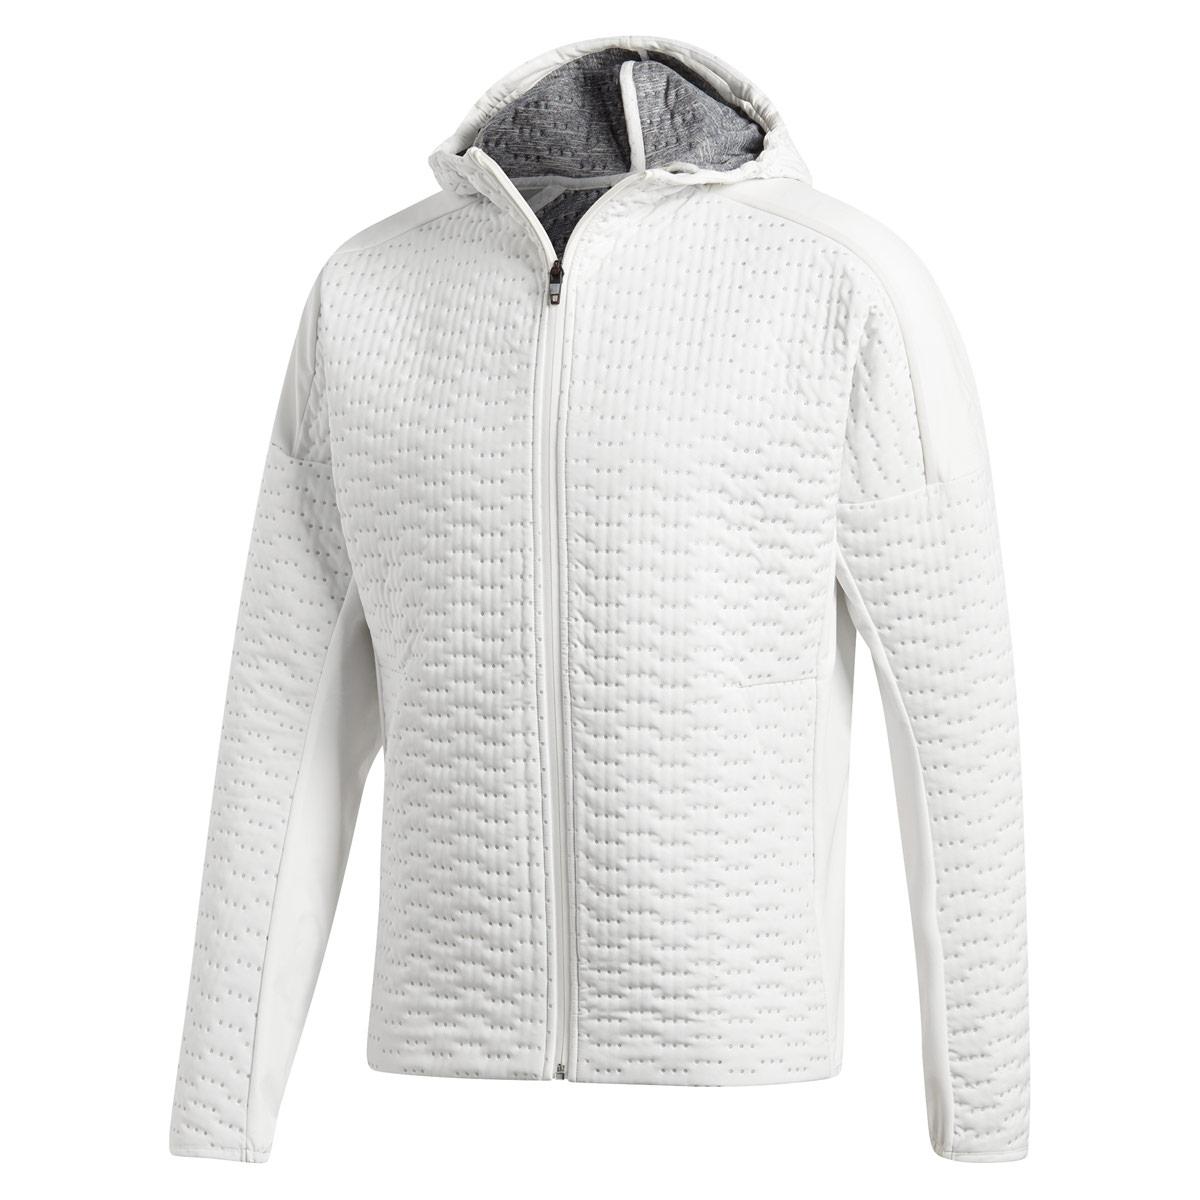 adidas Z.n.e. Winter Run Jacket - Laufjacken für Herren - Weiß